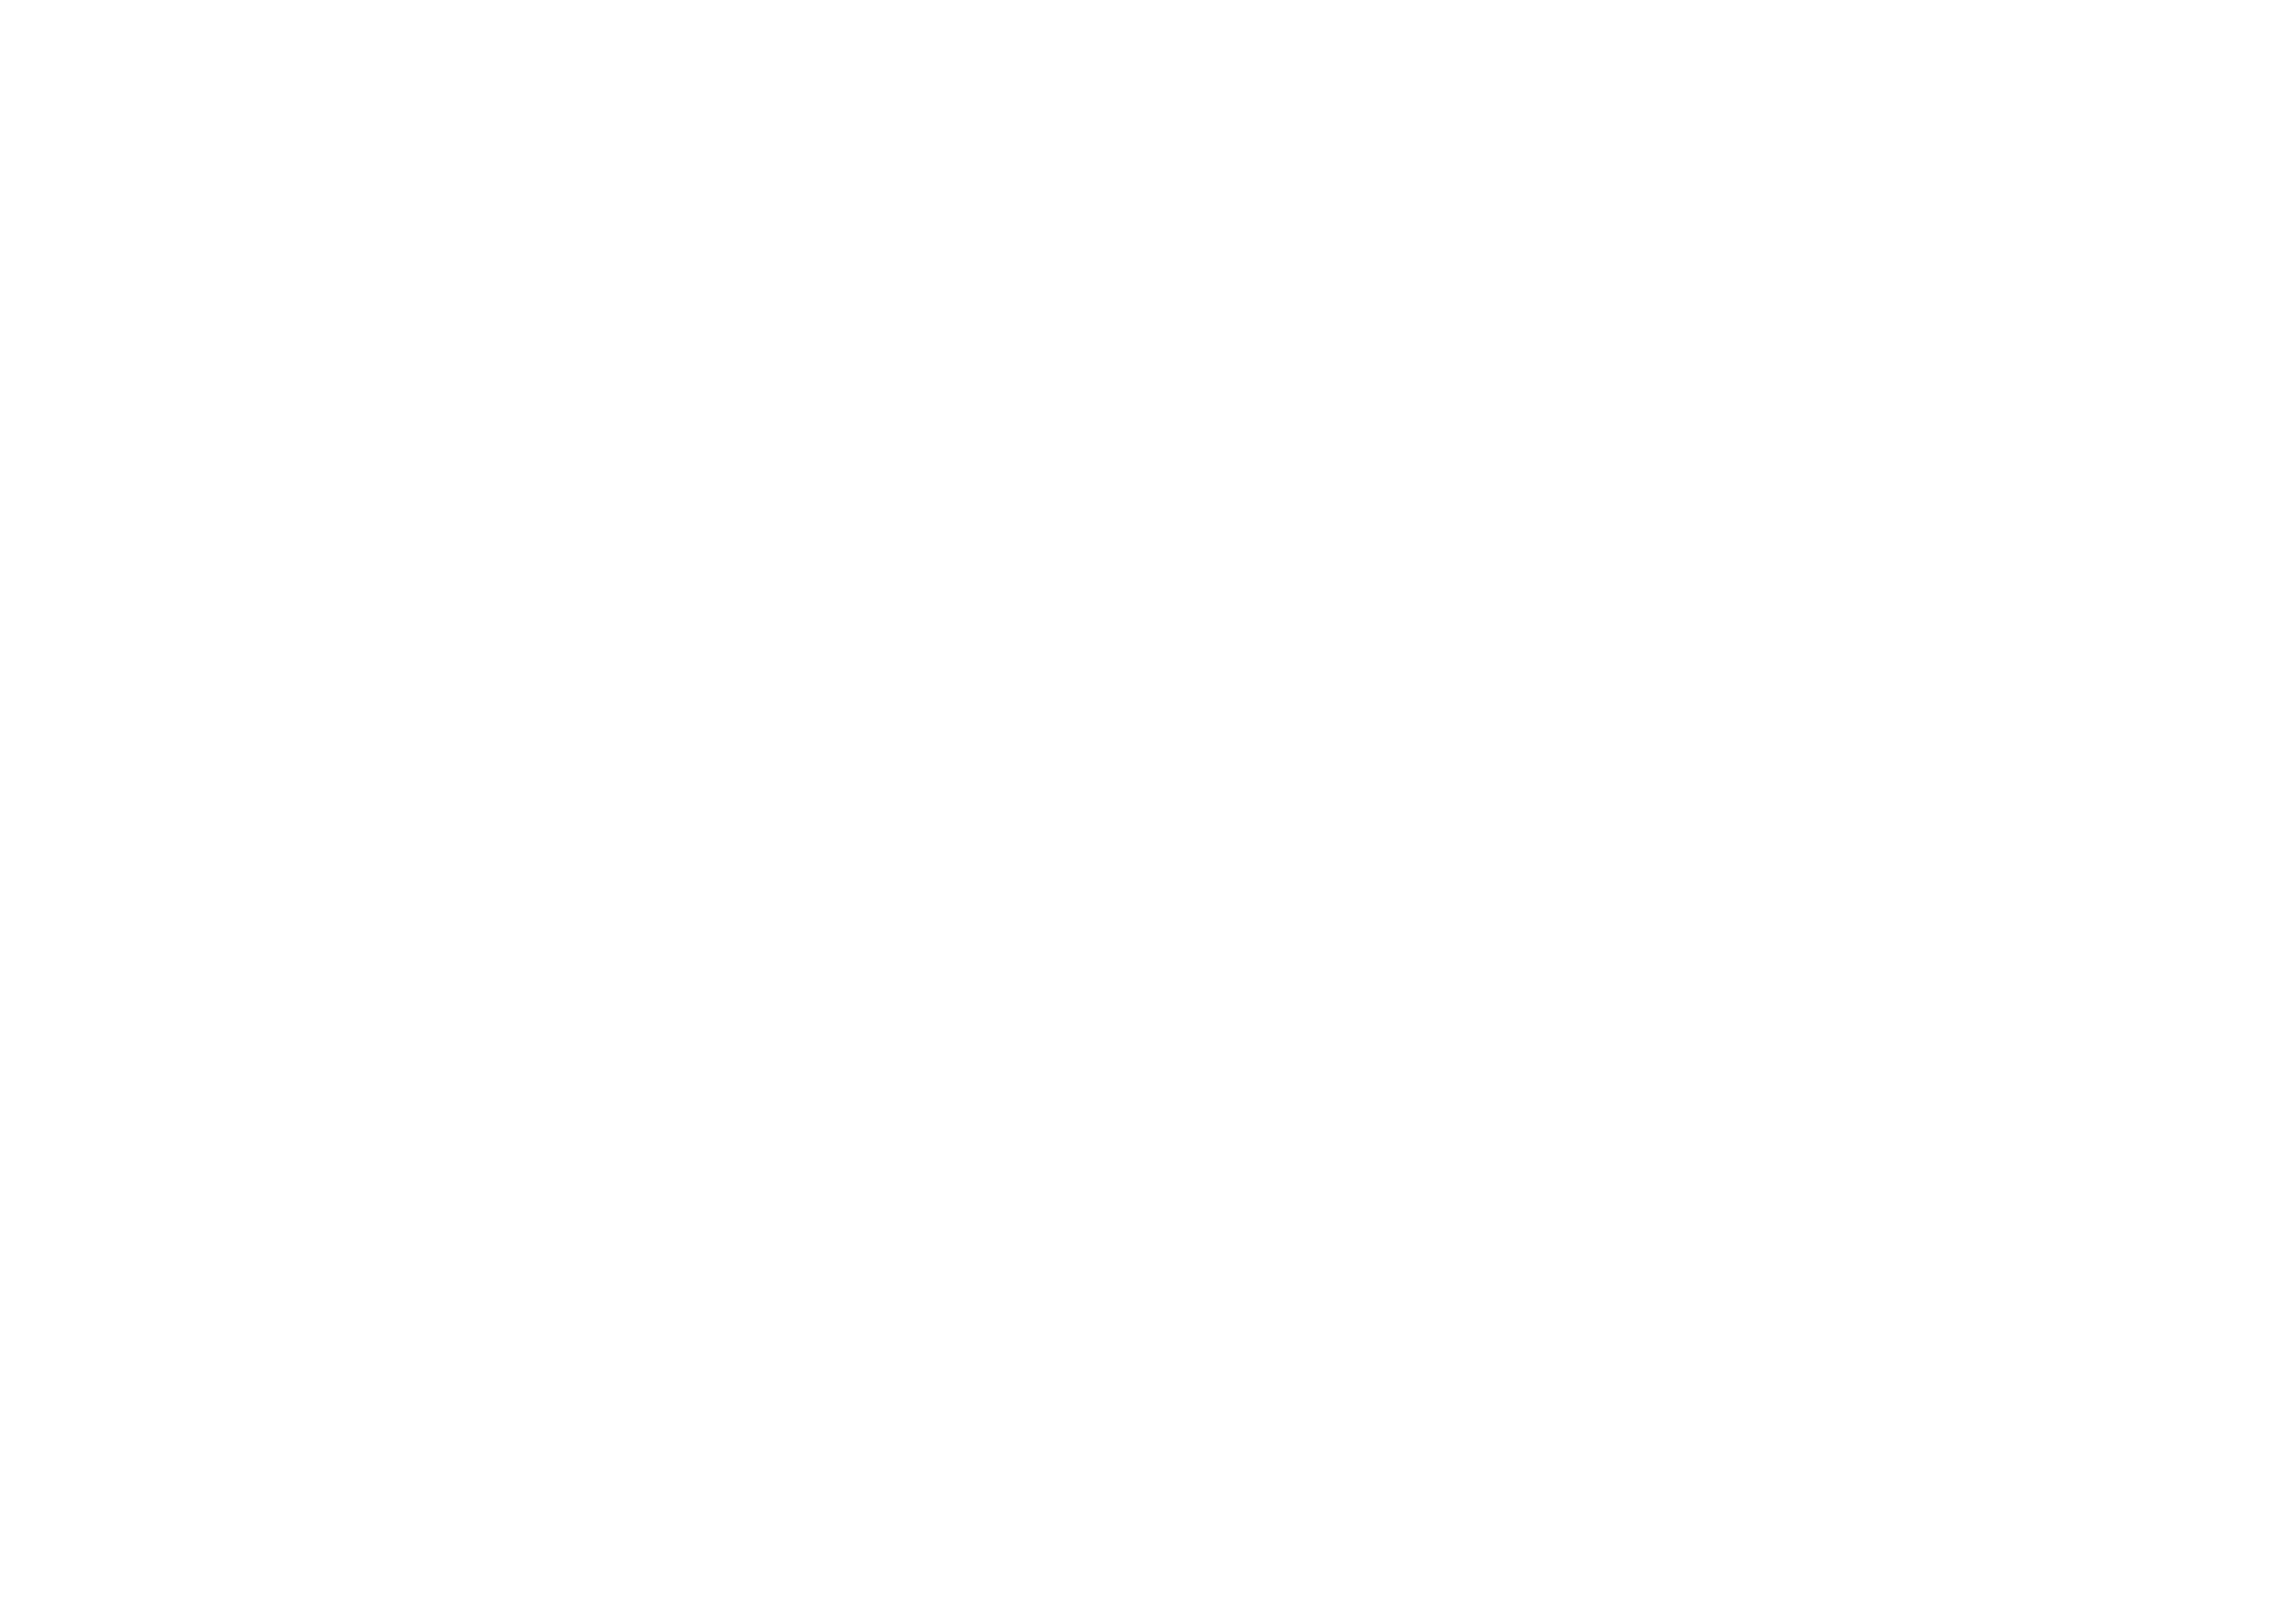 Puurmuziek